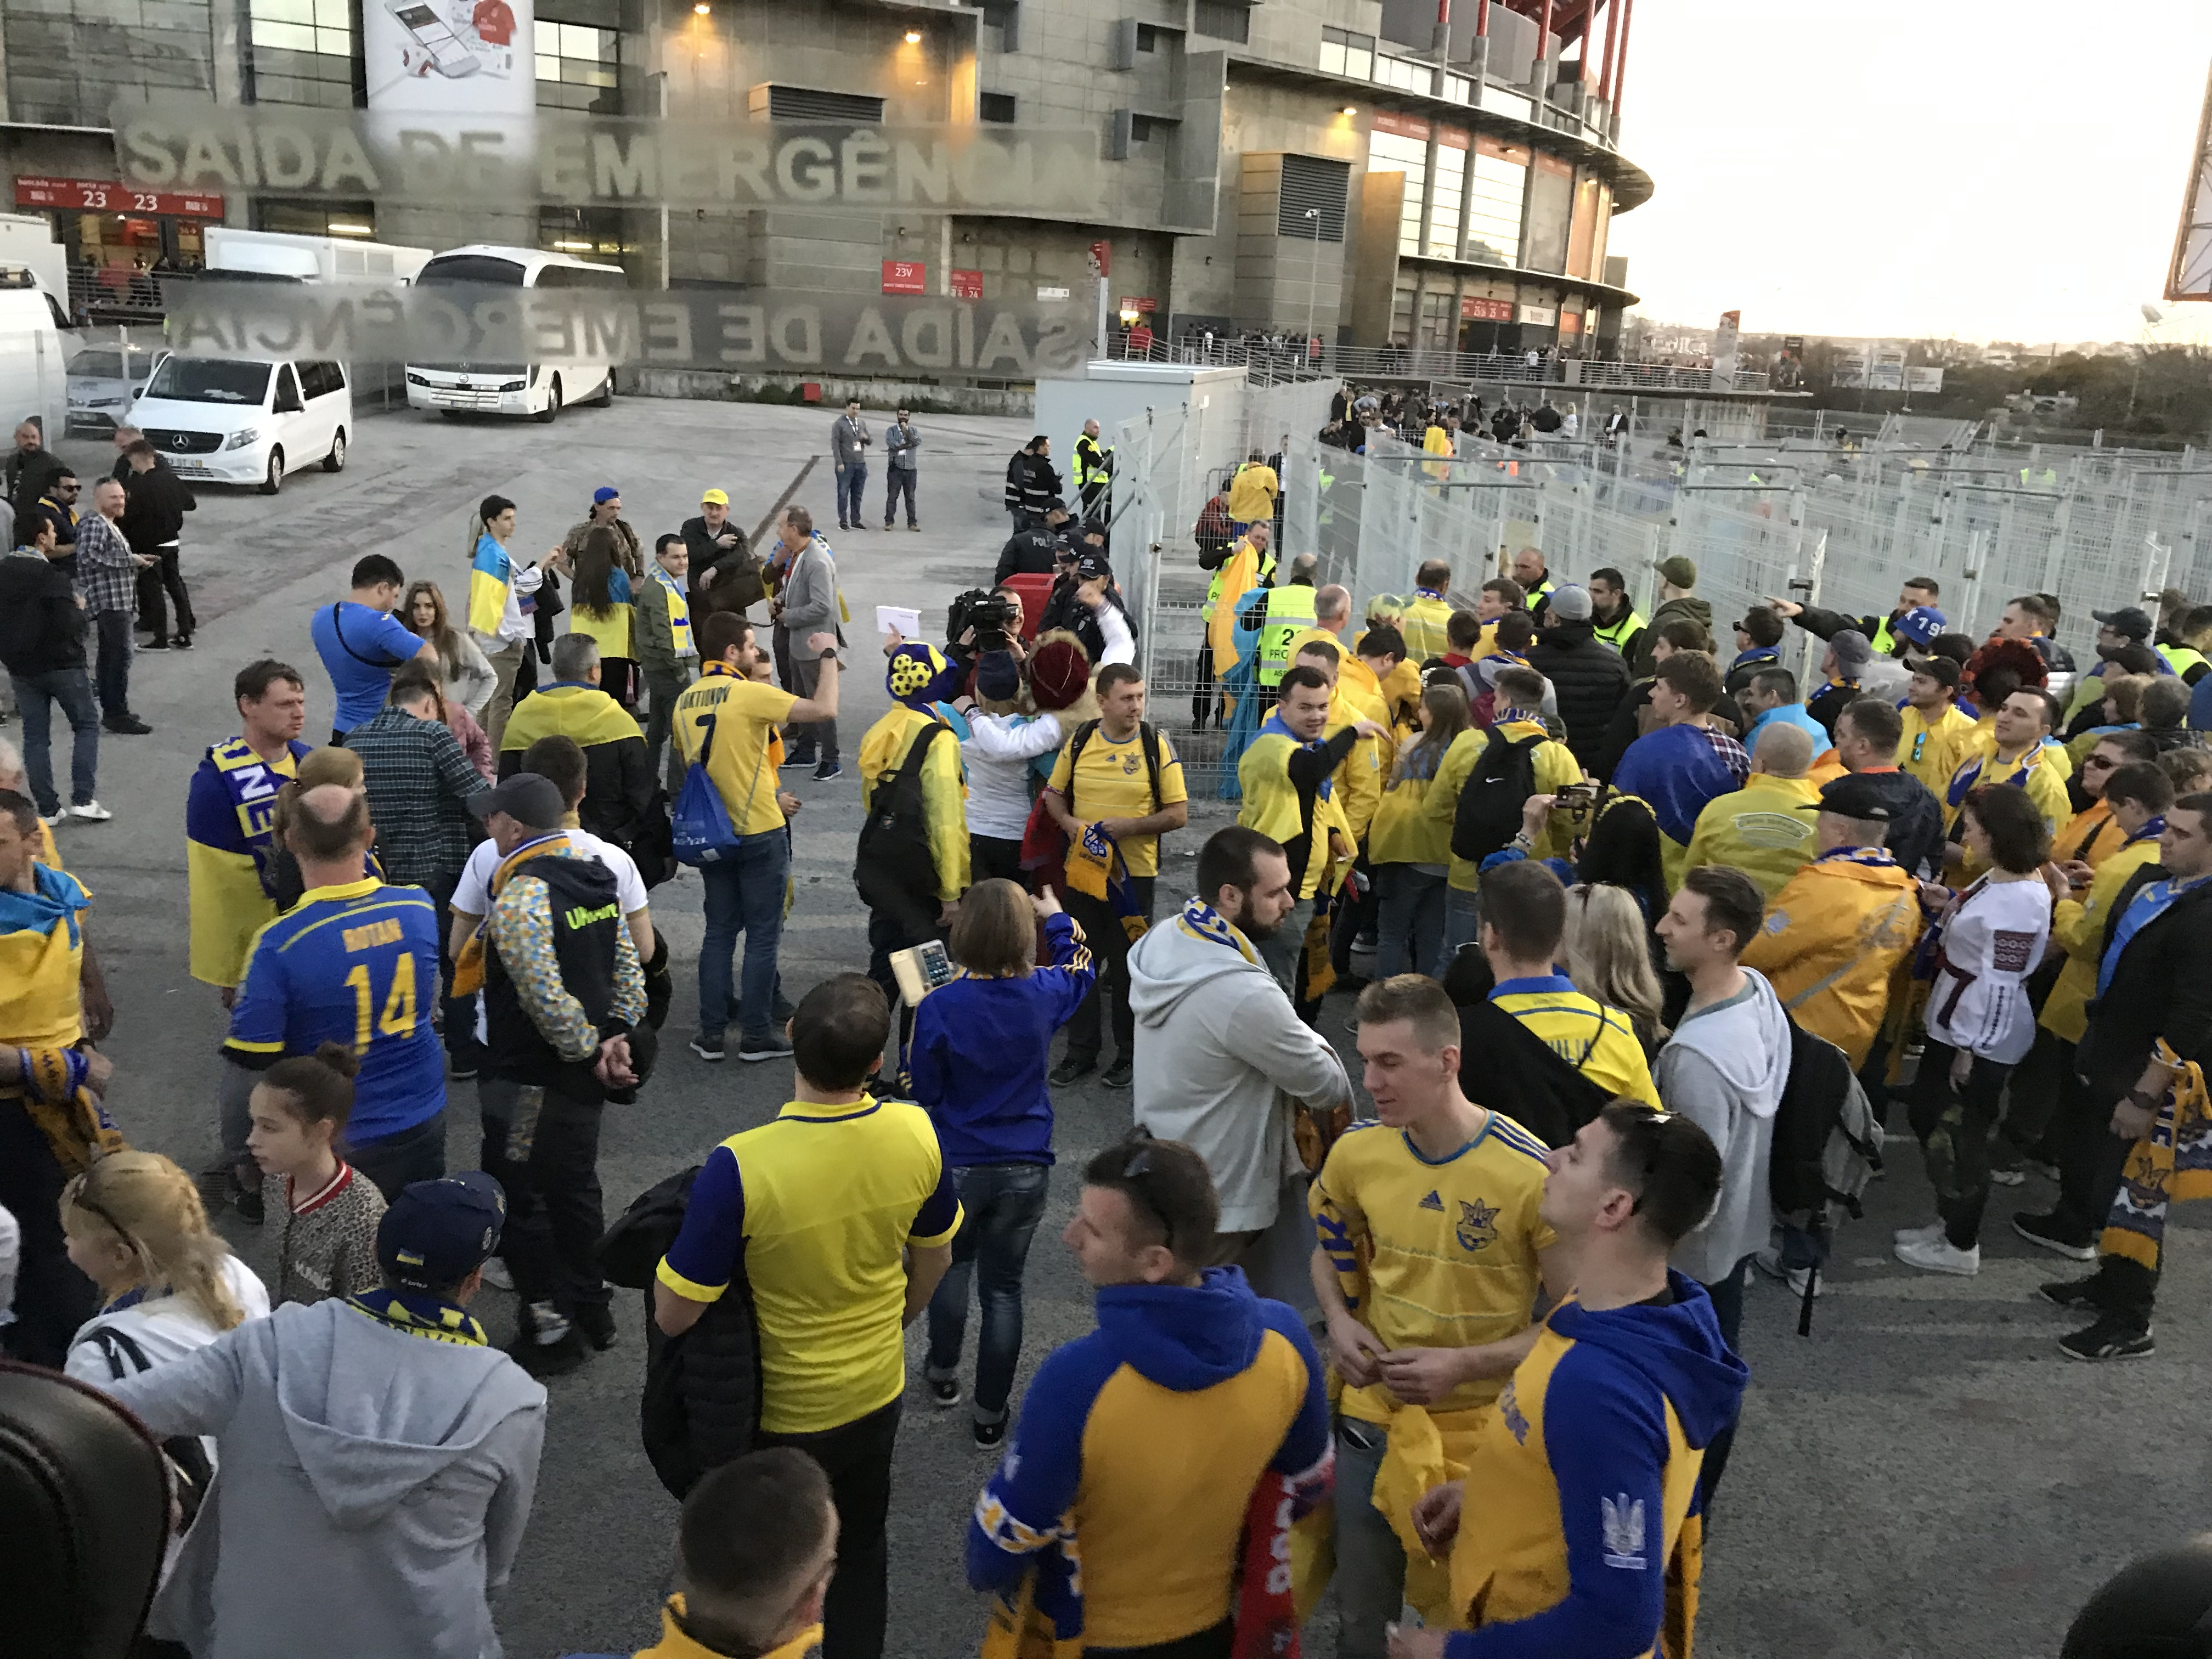 Лиссабонские зарисовки: город контрастов, охота на Роналду и развлекательное шоу на стадионе - изображение 8